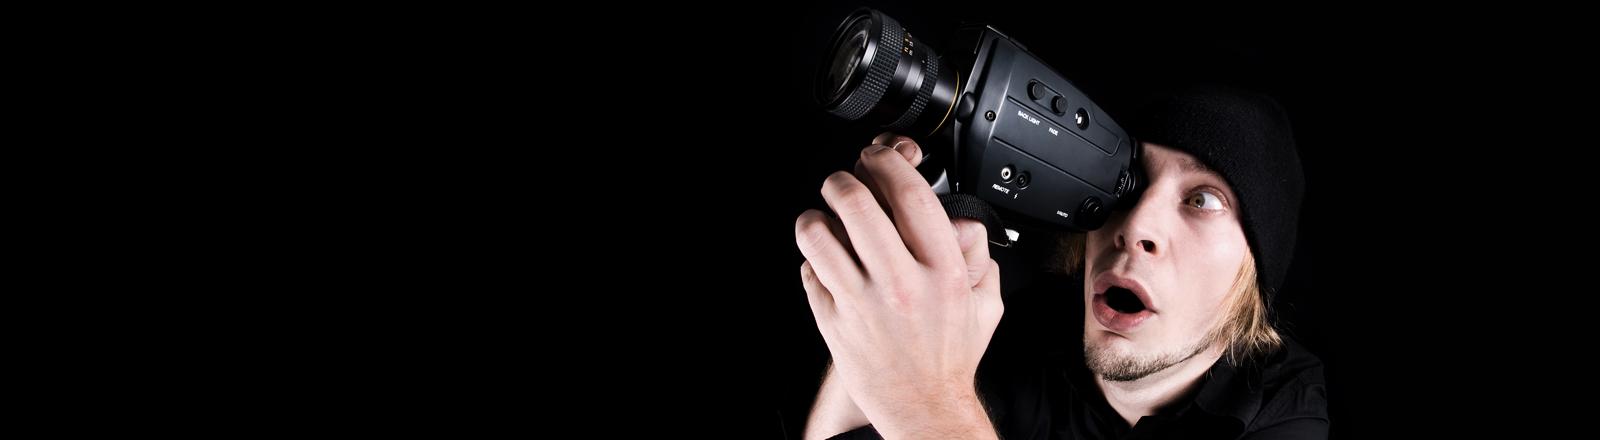 Ein Mann schaut staunend durch seine Videokamera.